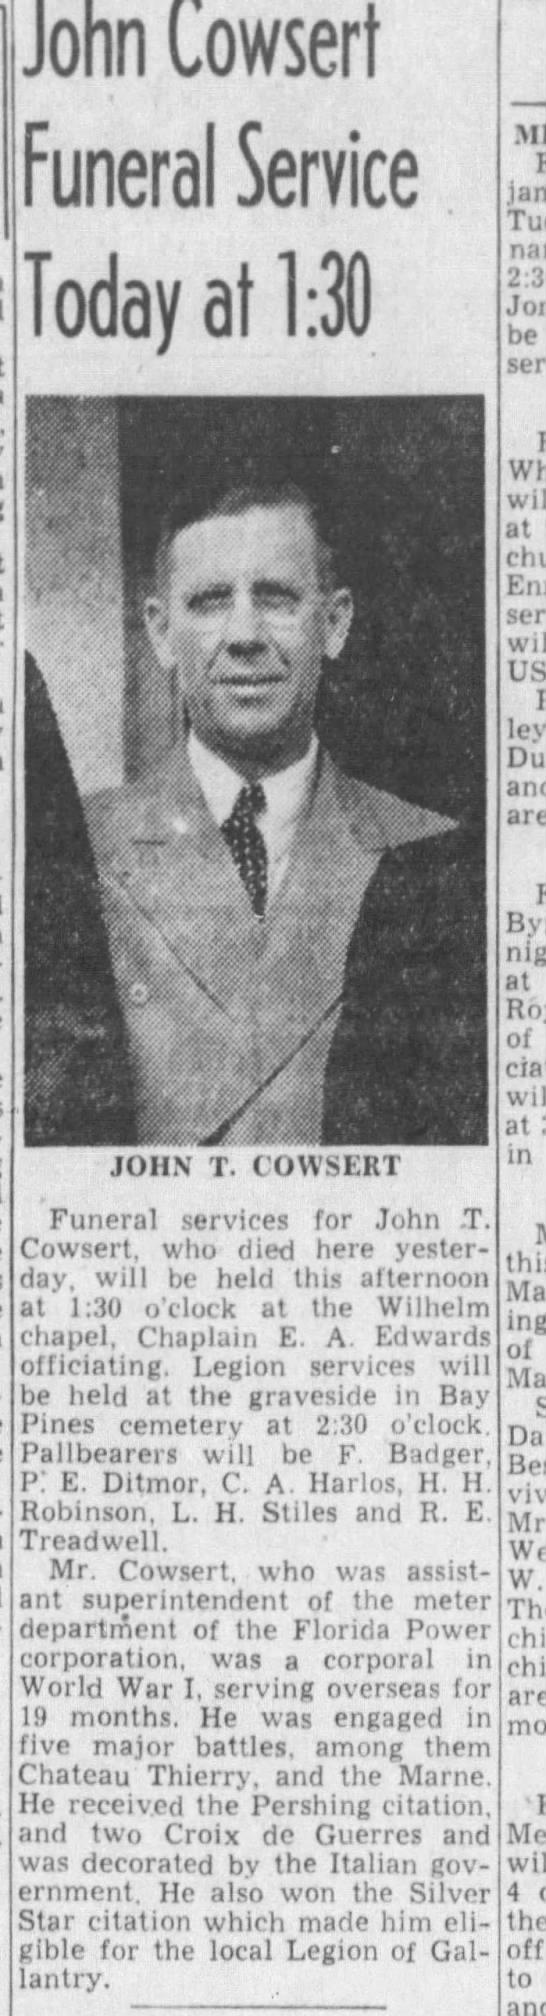 Cowsert obituary